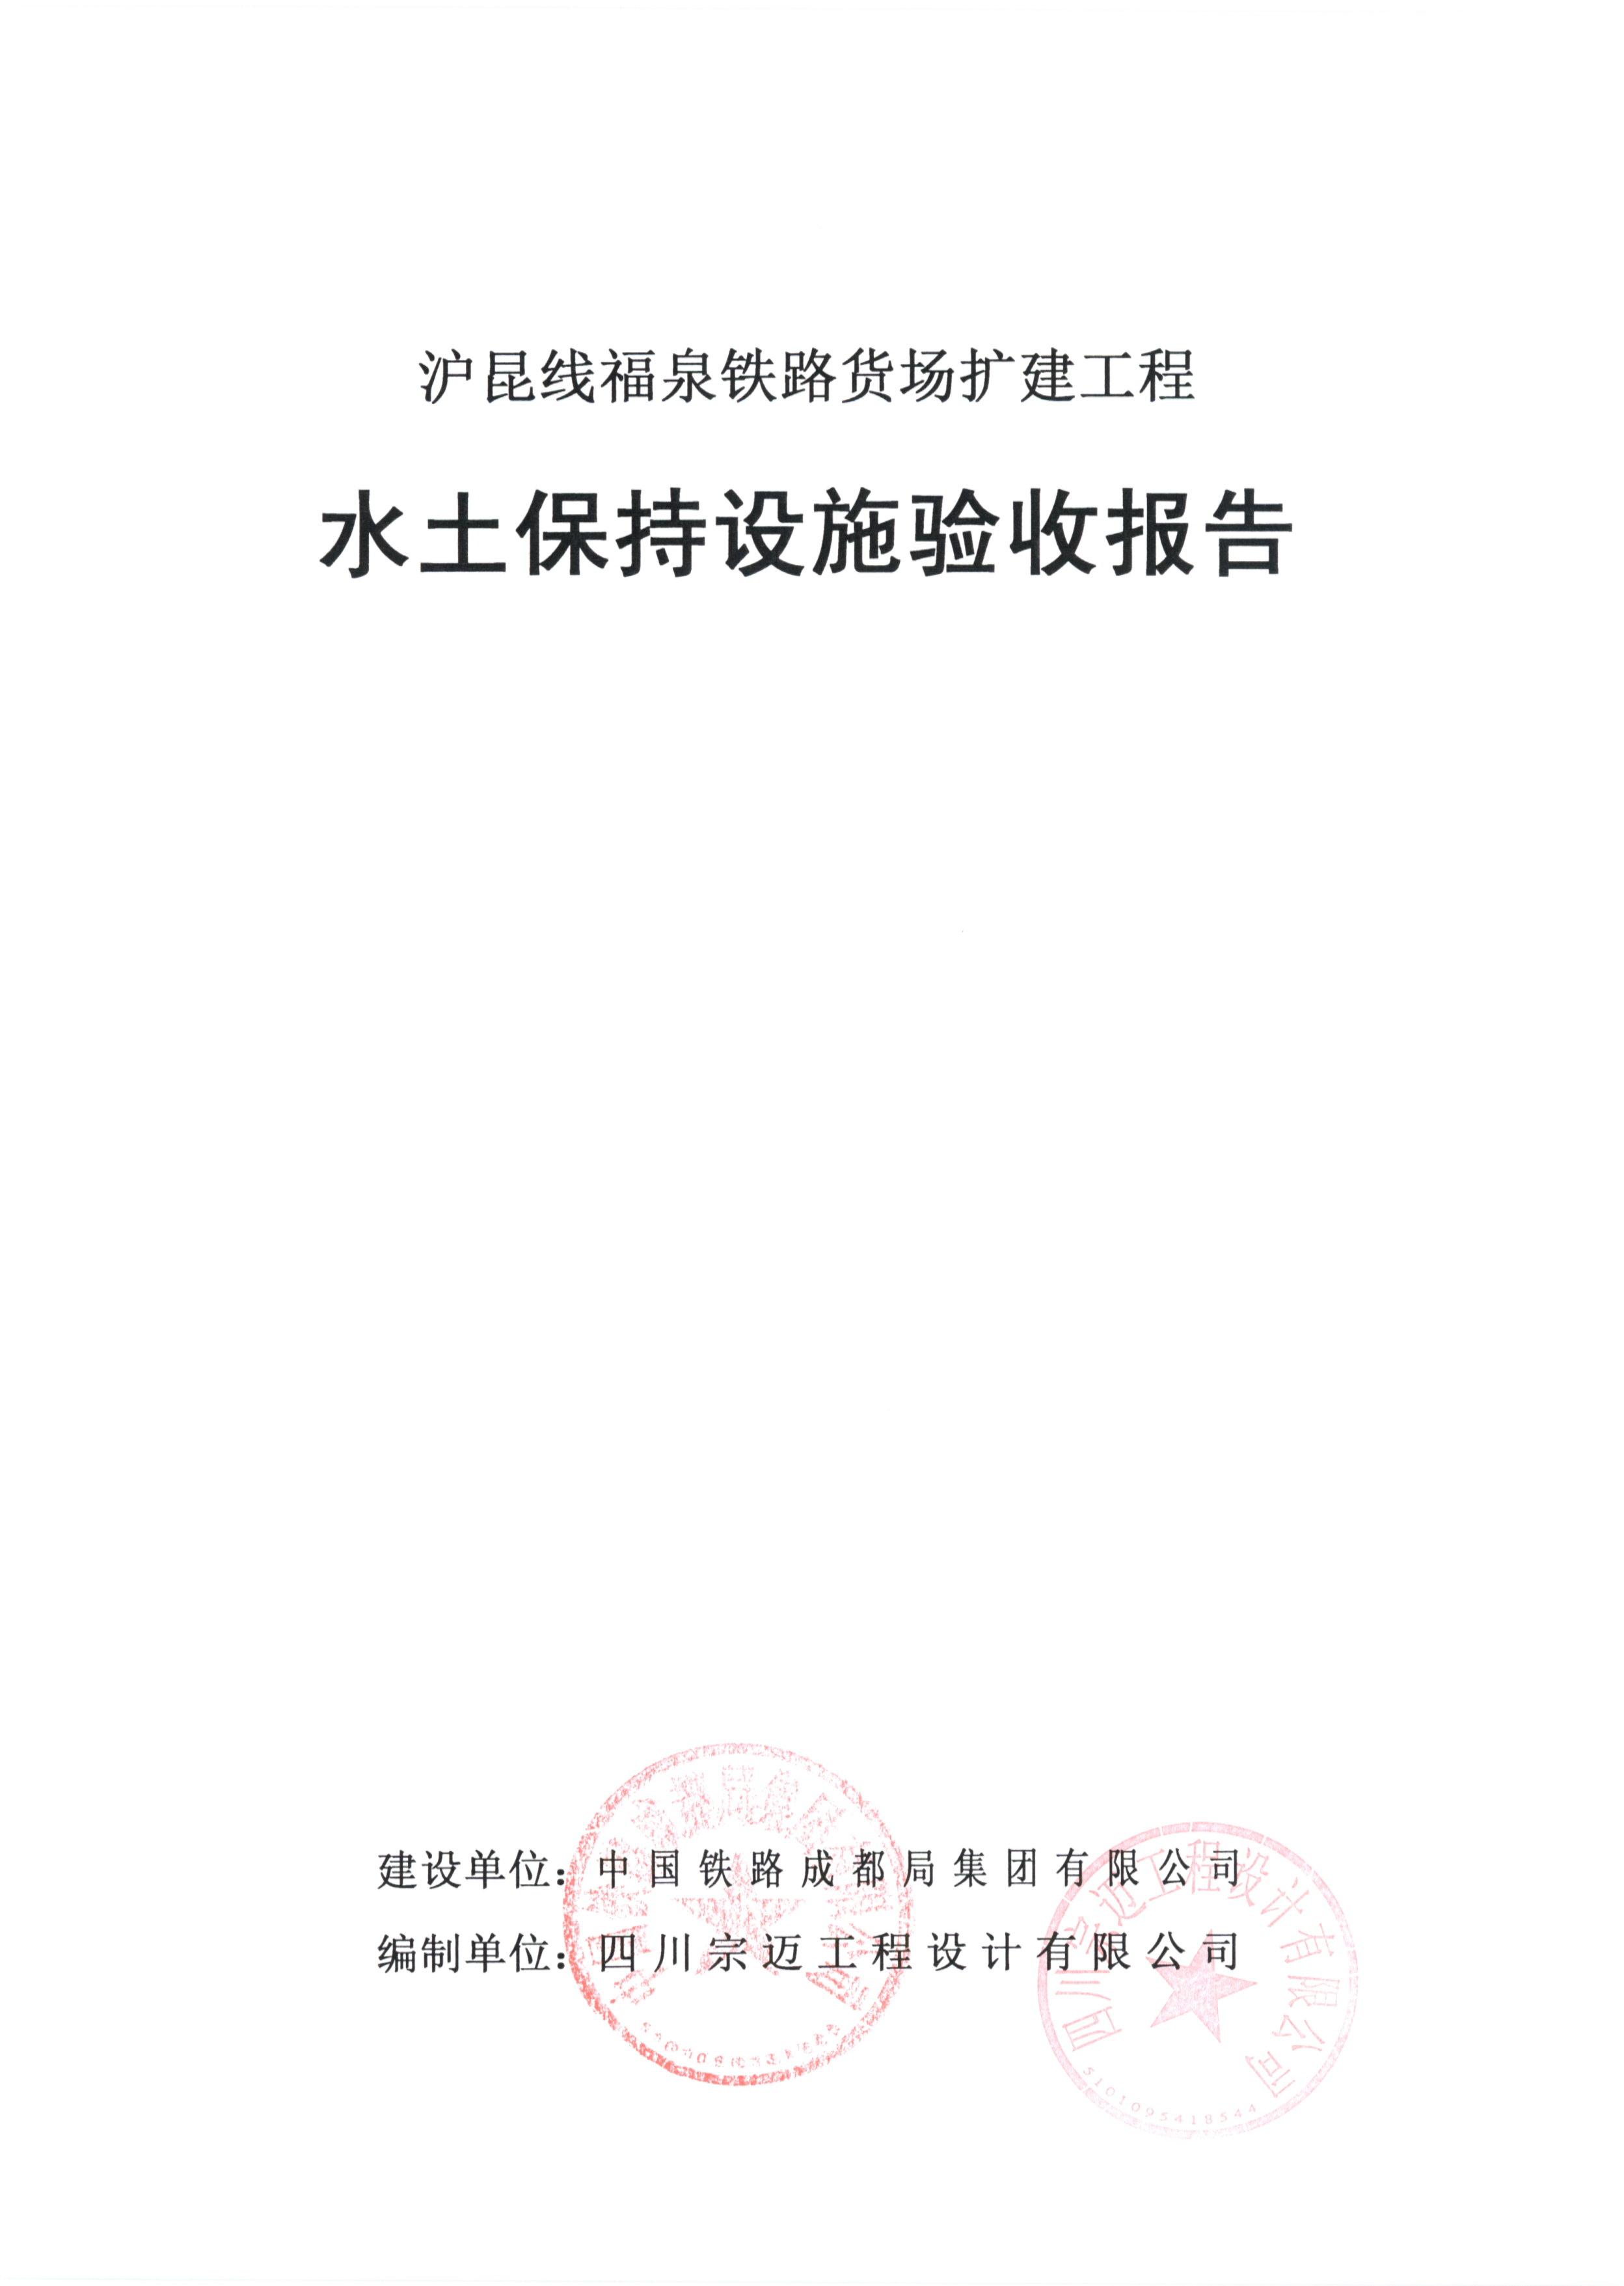 8.福泉验收扉页.jpg